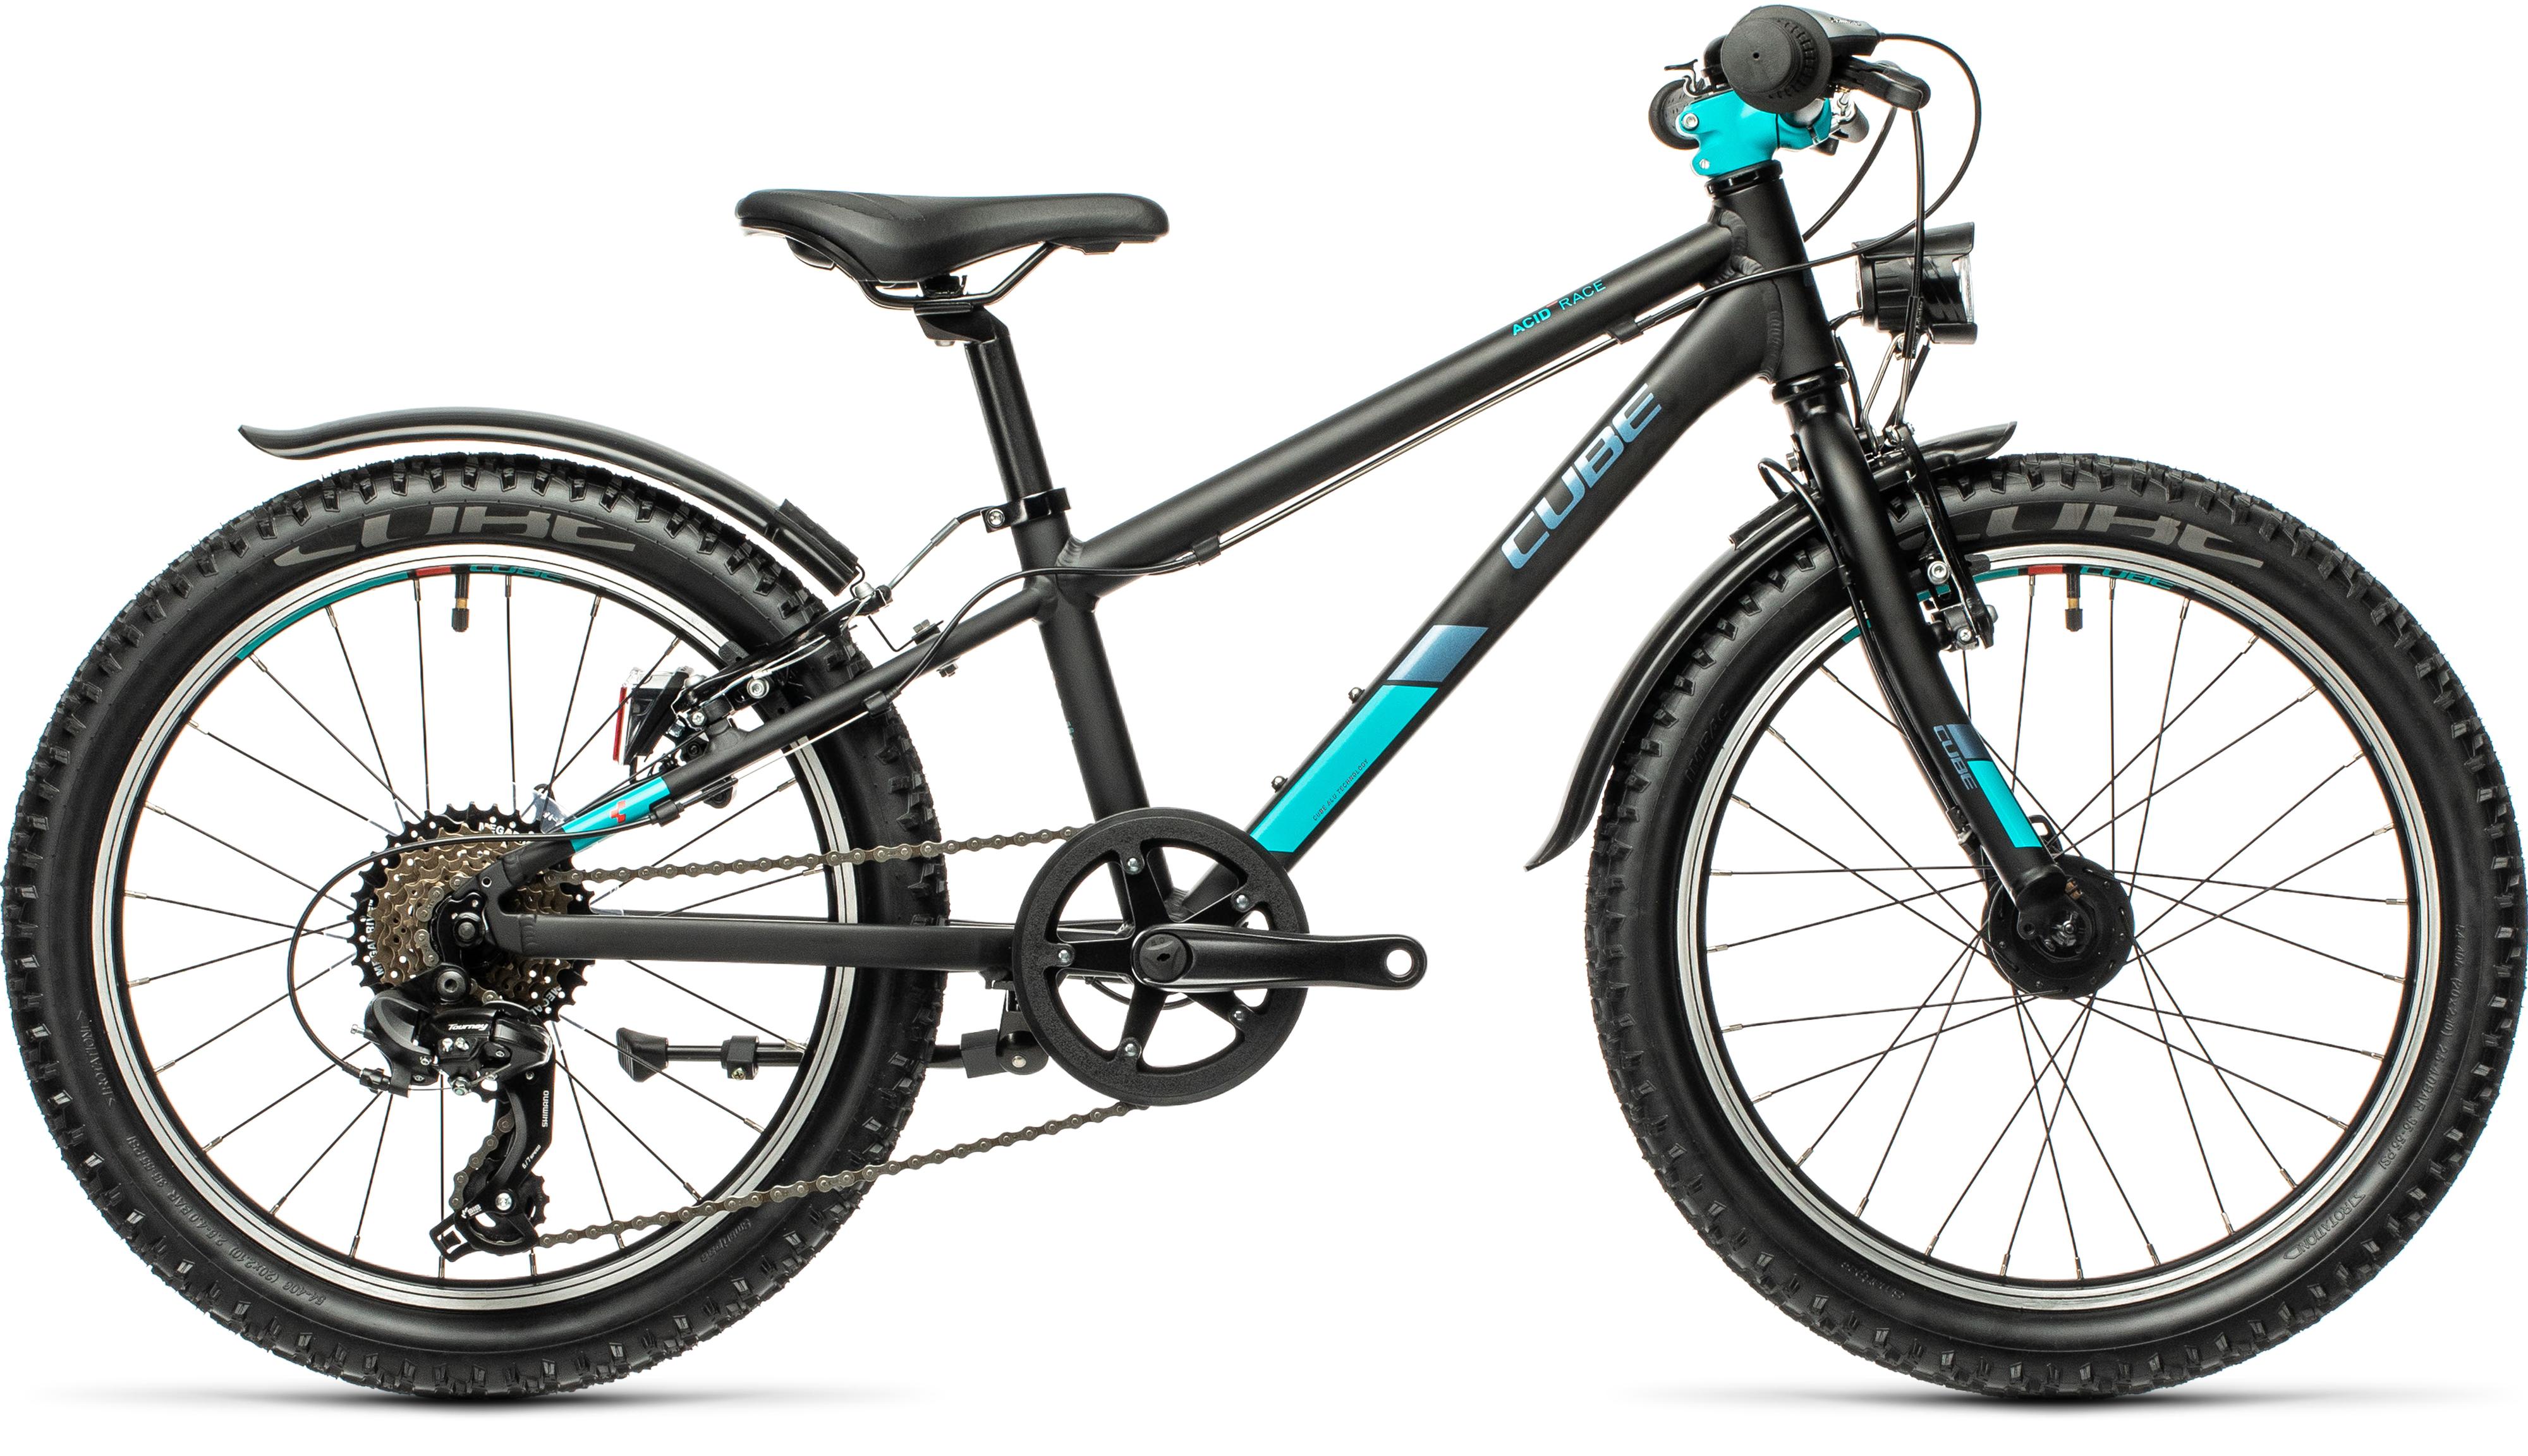 Cube Acid 200 AllRoad 20 Kids Bike 2021 Black/mint